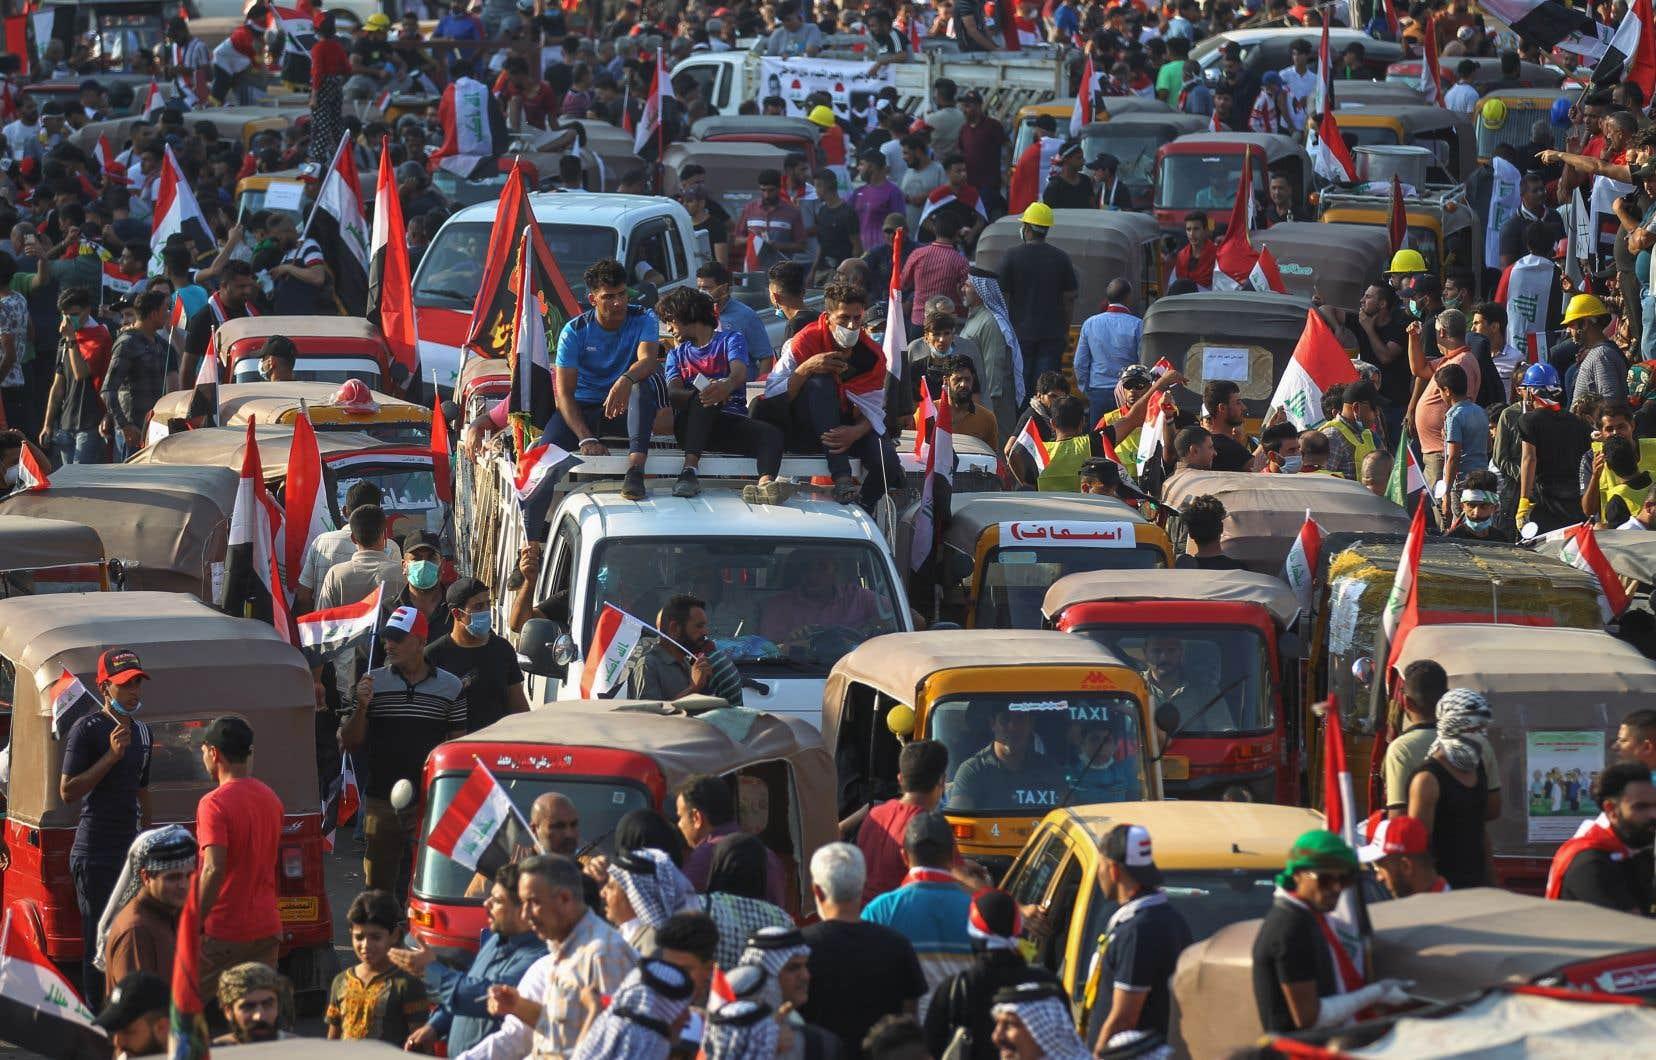 Déclenchée spontanément le 1eroctobre contre la corruption, le chômage et la déliquescence des services publics, la contestation réclame désormais «la chute du régime» et ne cesse d'enfler avec la participation ces derniers jours d'étudiants, de syndicats et d'organisations de la société civile.